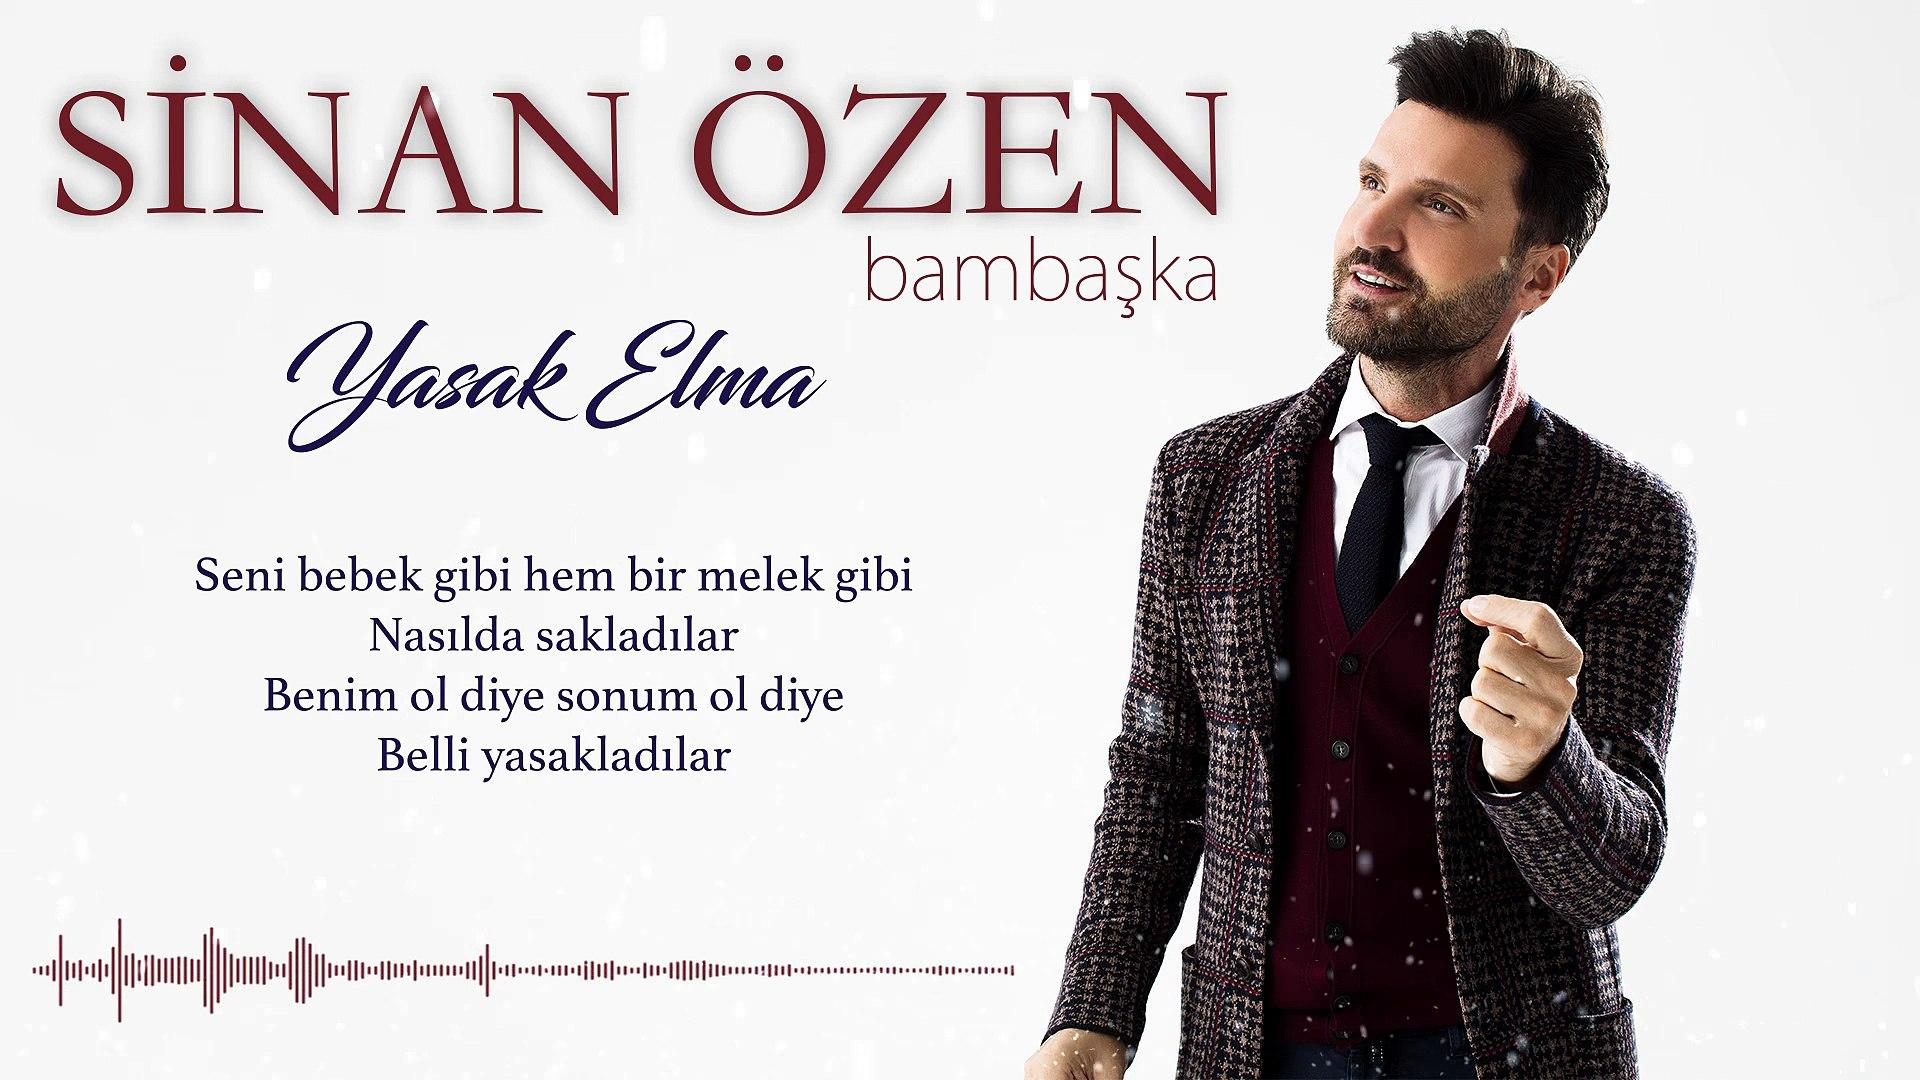 Sinan Özen Yasak Elma Yeni Albüm 2017